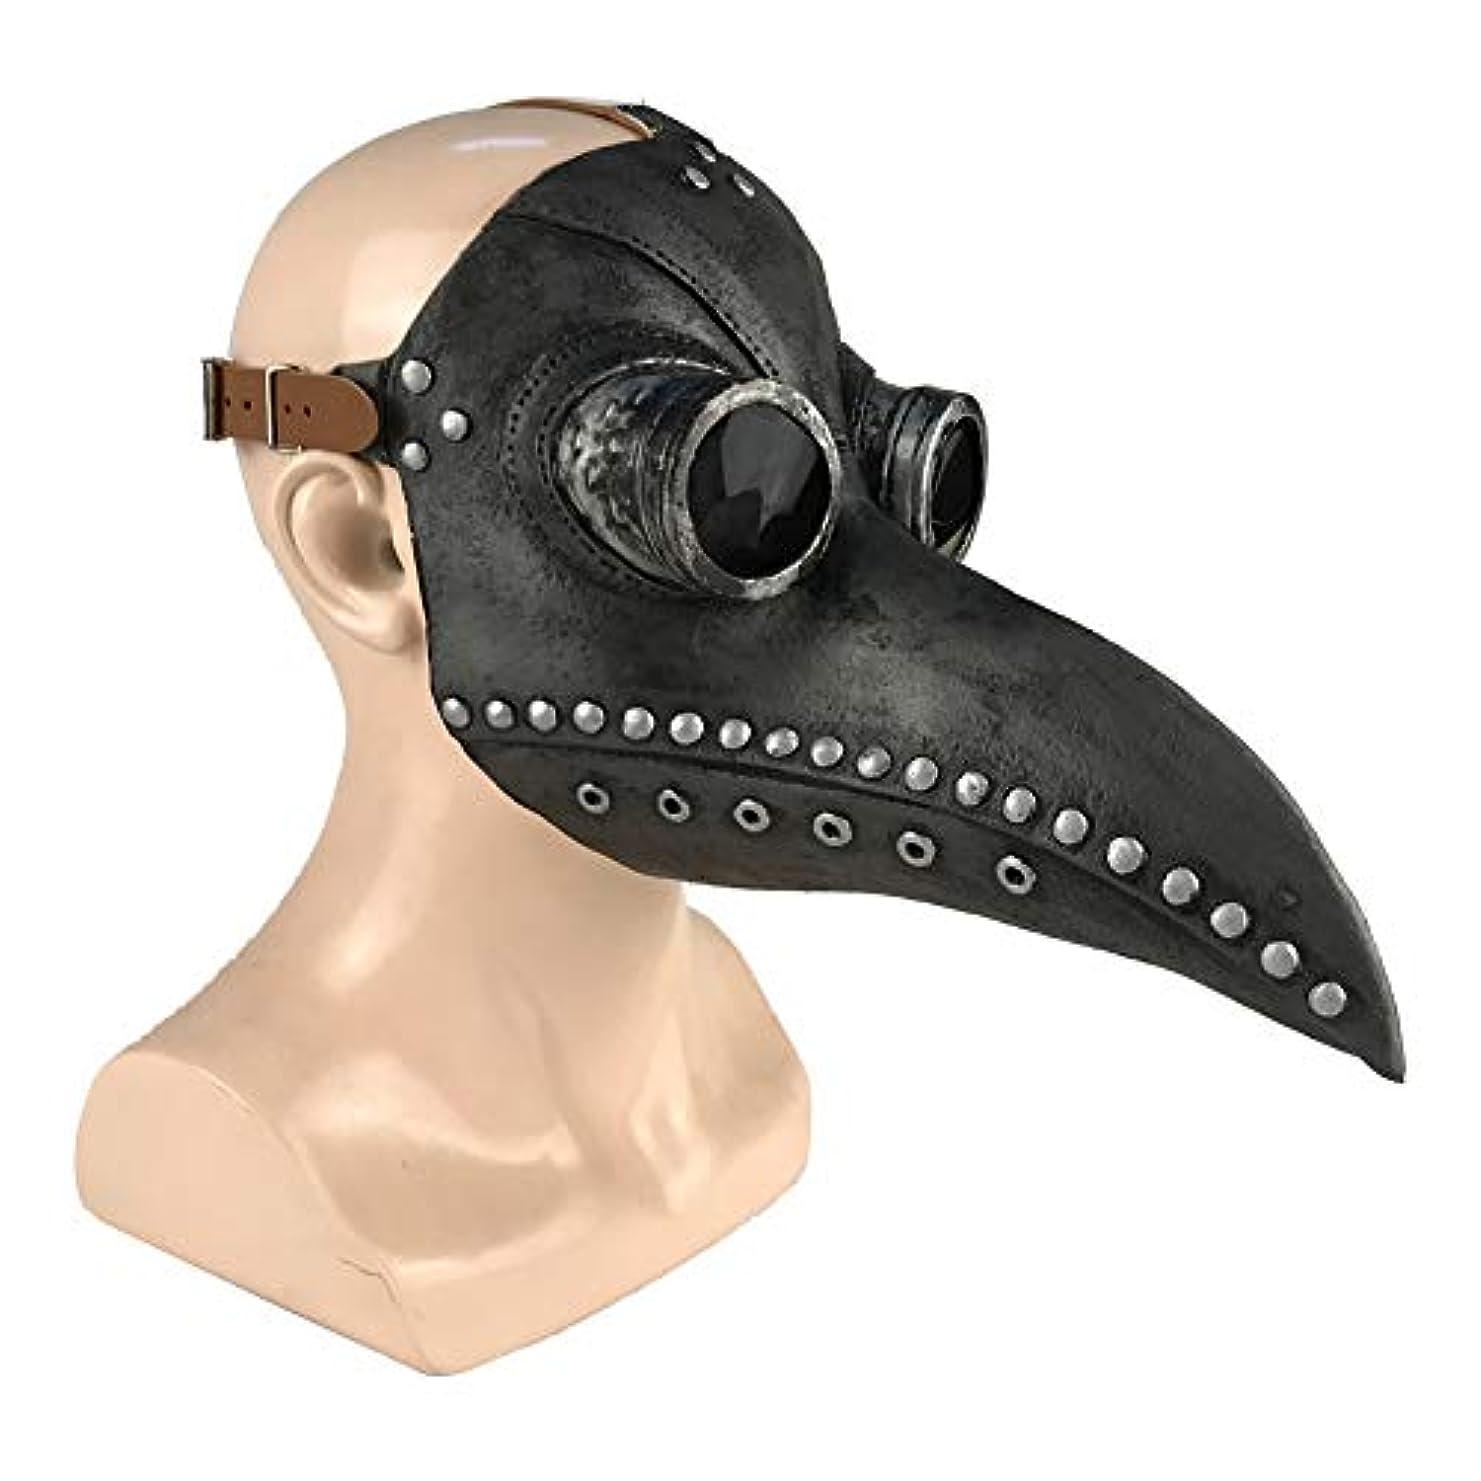 完璧な寛大なめまいEsolom ハロウィンマスク ペストスチーム喙ドクターマスク ホリデーパーティー用品 黒 銅の爪 ホラーマスク ハロウィンデコレーション 通気性